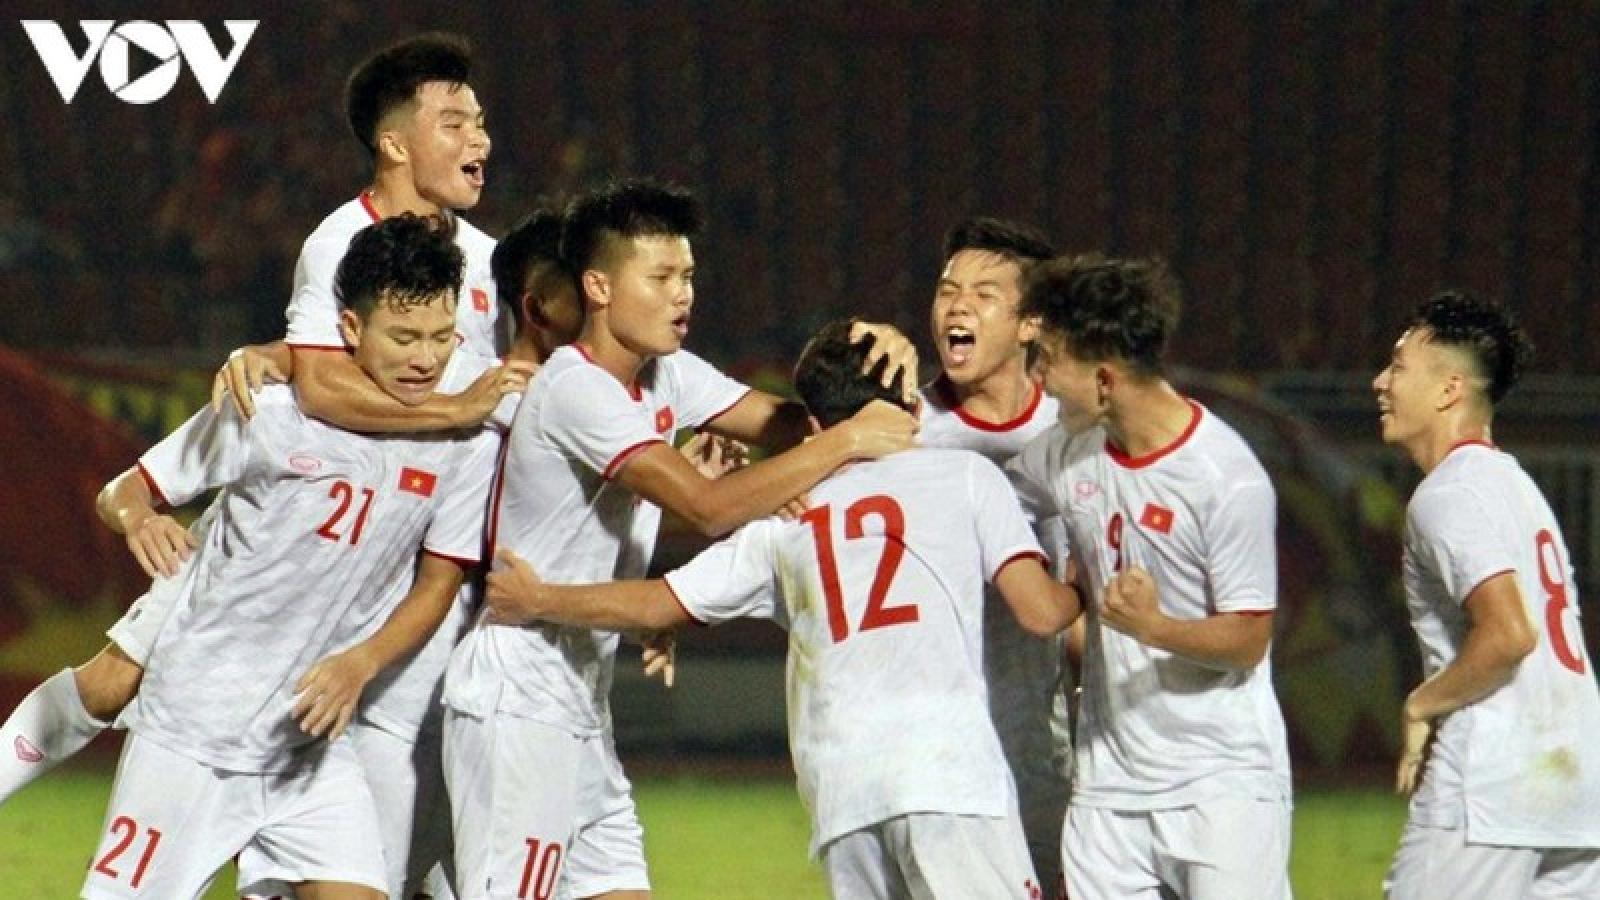 Ngày này năm xưa: Hòa Nhật Bản, U19 Việt Nam vẫn nhận lời chê trách